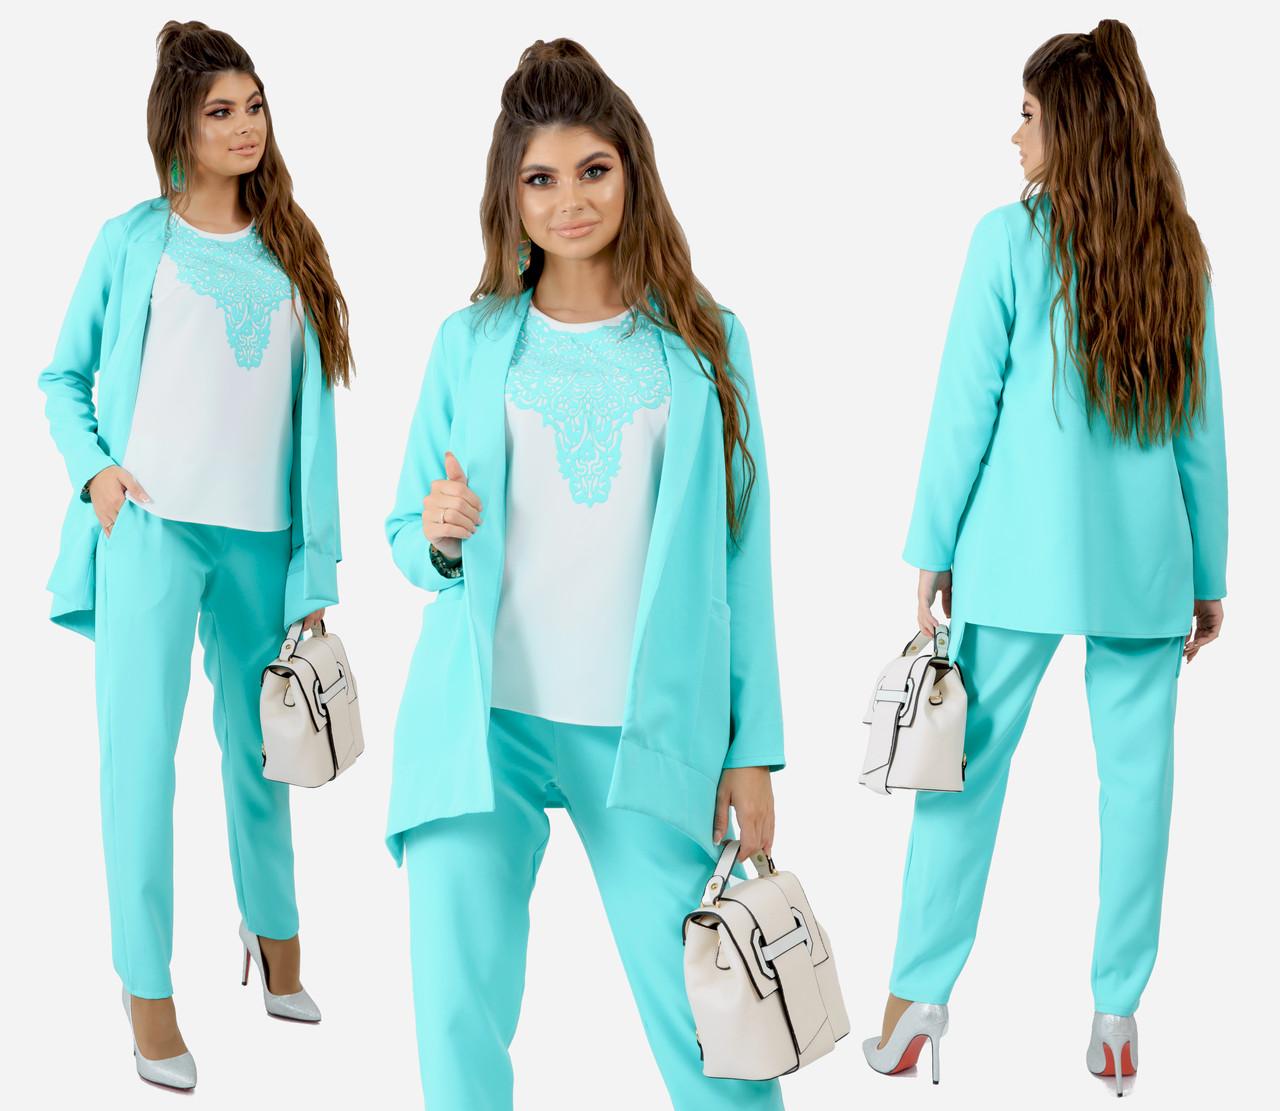 """Классический костюм """"Адель"""" брюки+пиджак+блузка цвет мята, декор кружево  243-92"""